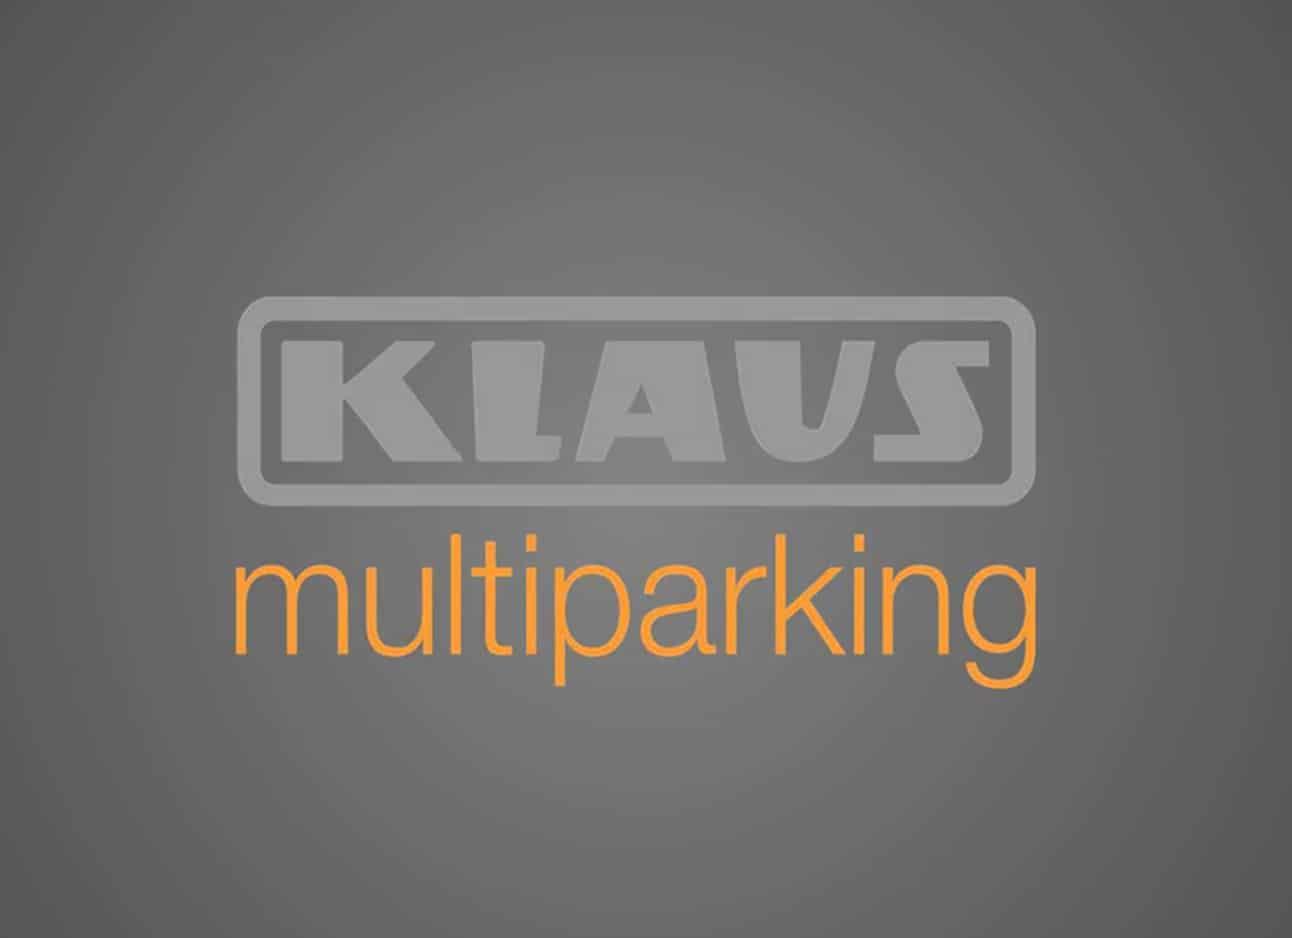 Klaus-Multiparking-Under-Ground-Parking-Explainer-Video